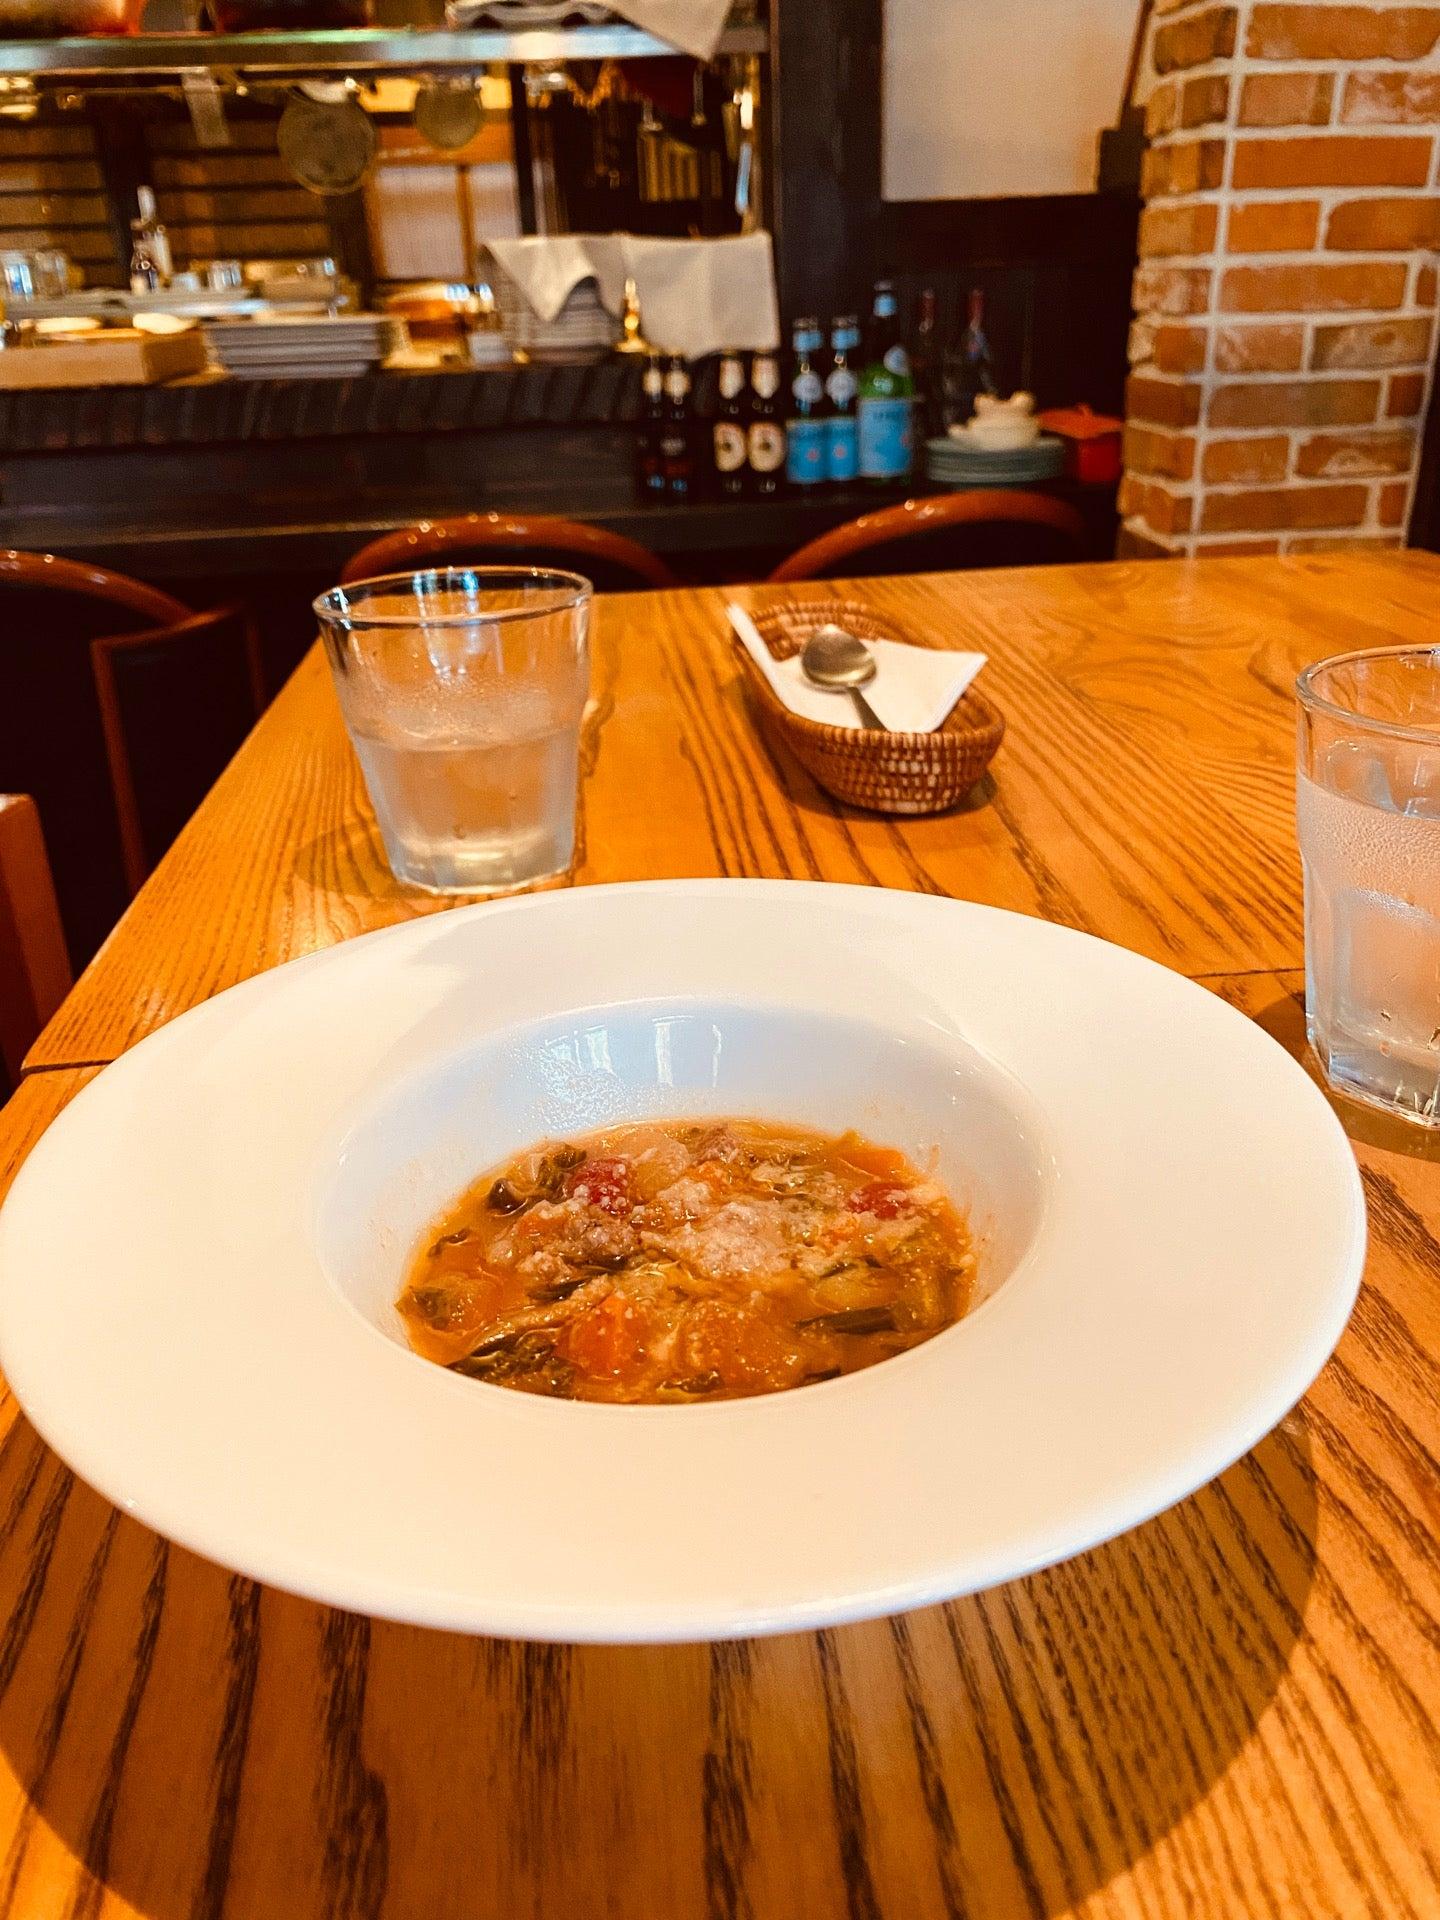 野菜とソーセージのスープ (@ イタリア料理 Kan in 小牧市, 愛知県) https://t.co/4DVA04xaGT https://t.co/MzblpqHAUR